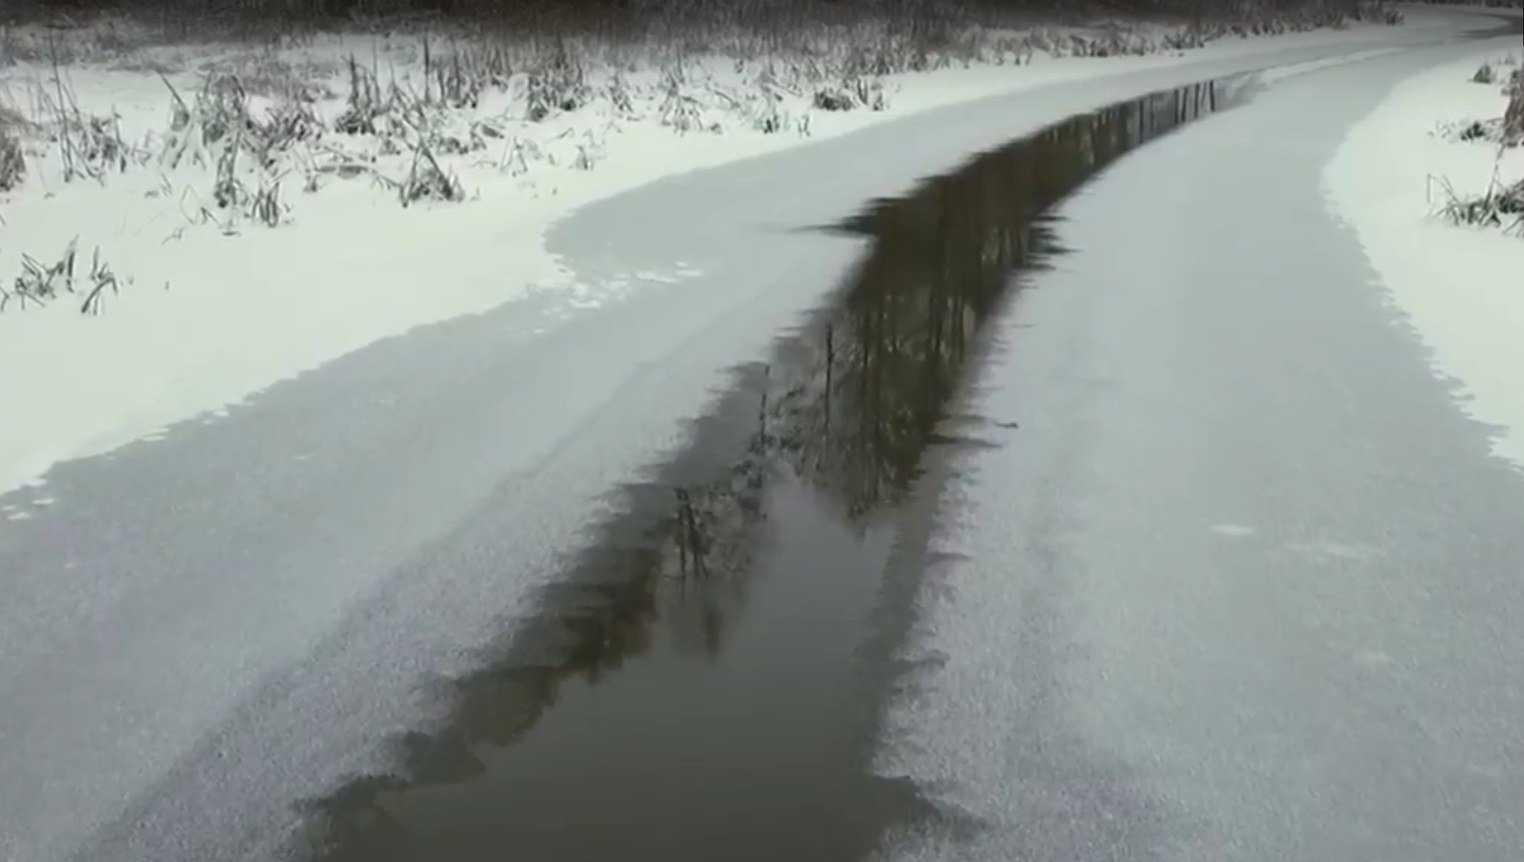 Брянский губернатор Богомаз пригрозил закрытием Стародубскому сырзаводу